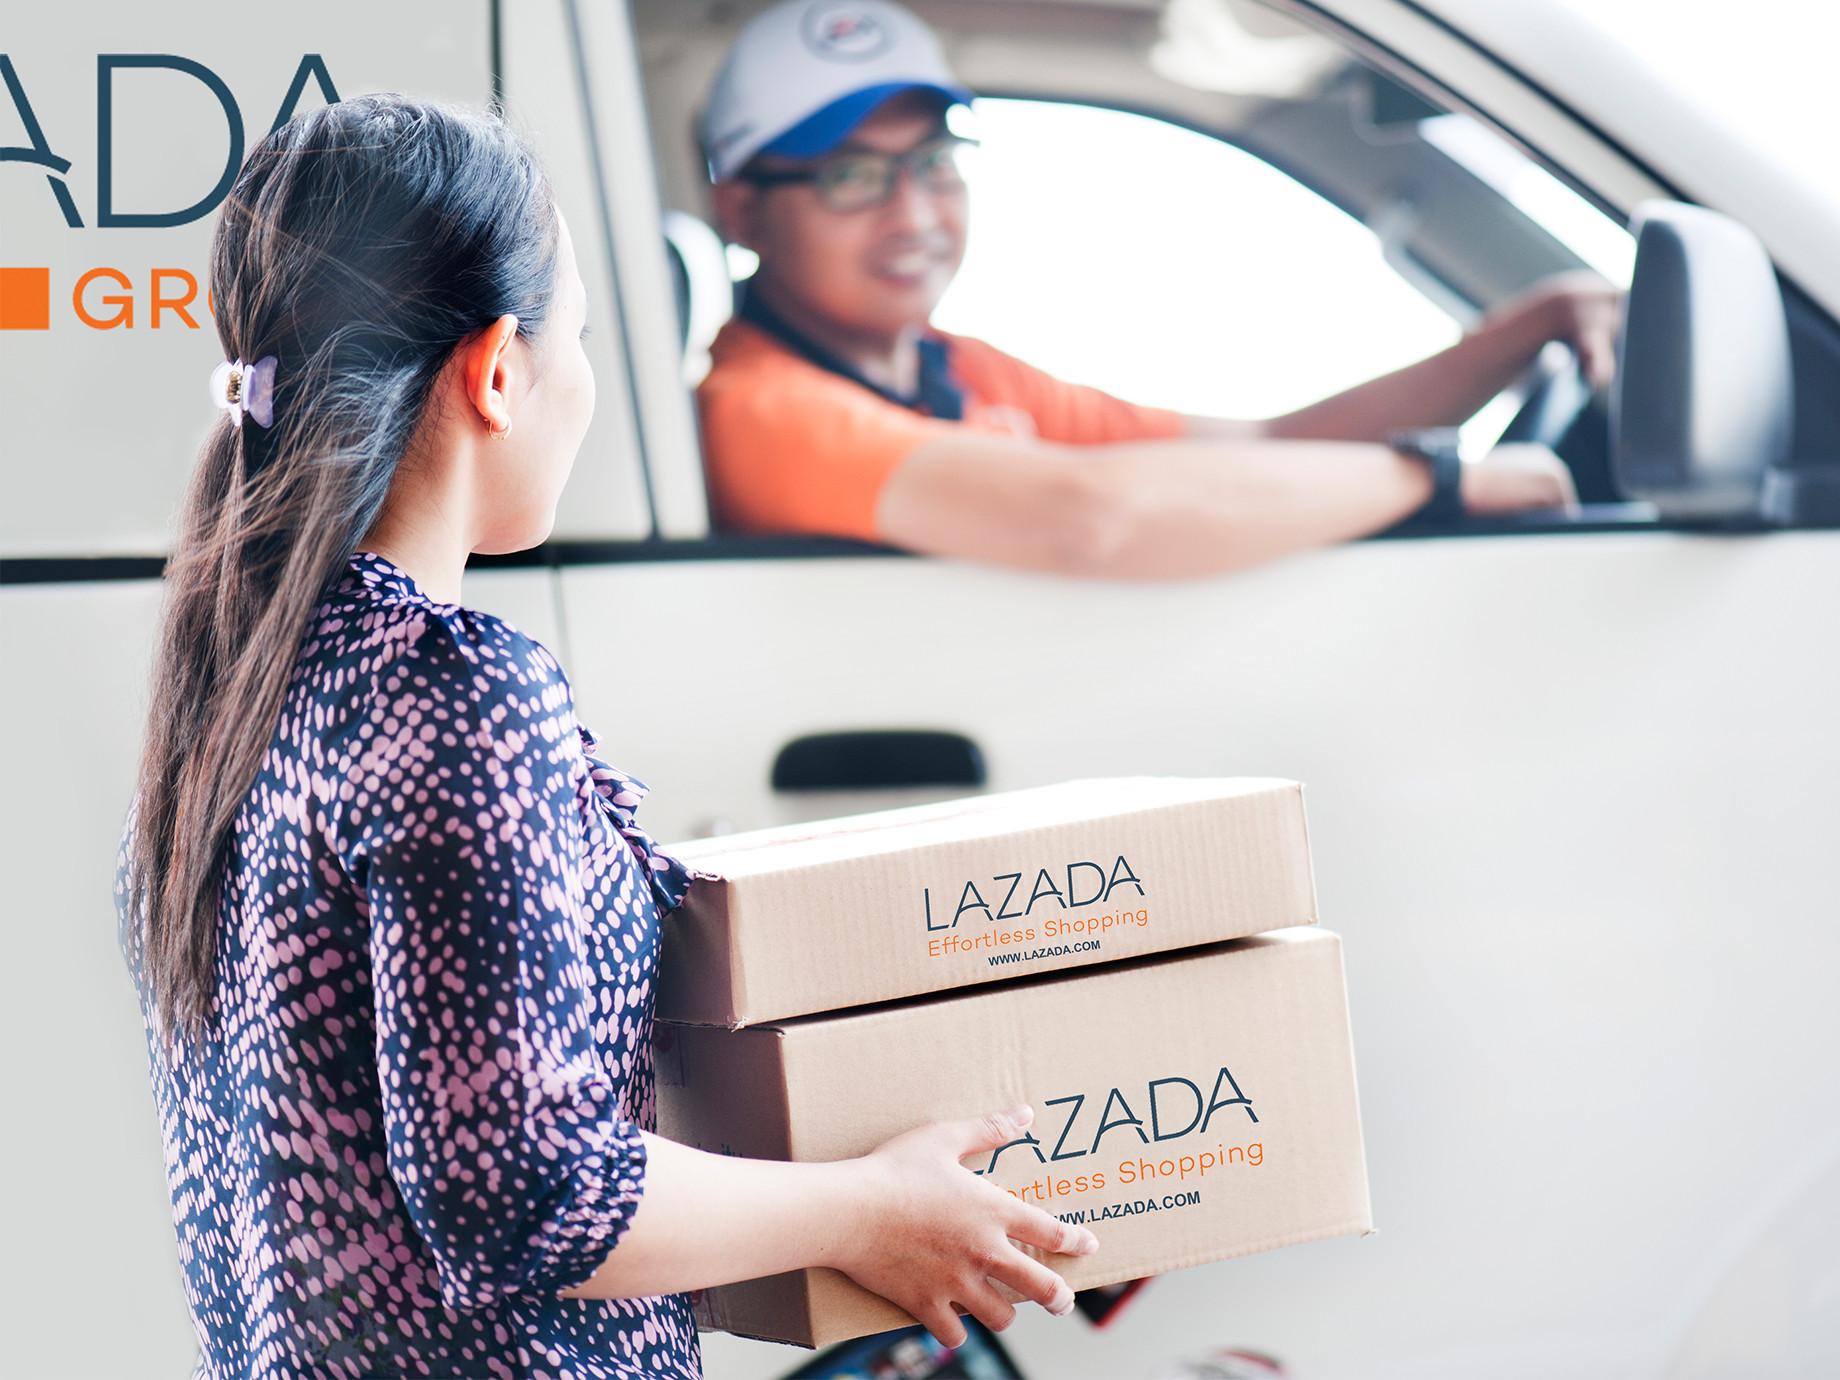 巨頭的東南亞野心》阿里巴巴再向Lazada增資20億美元